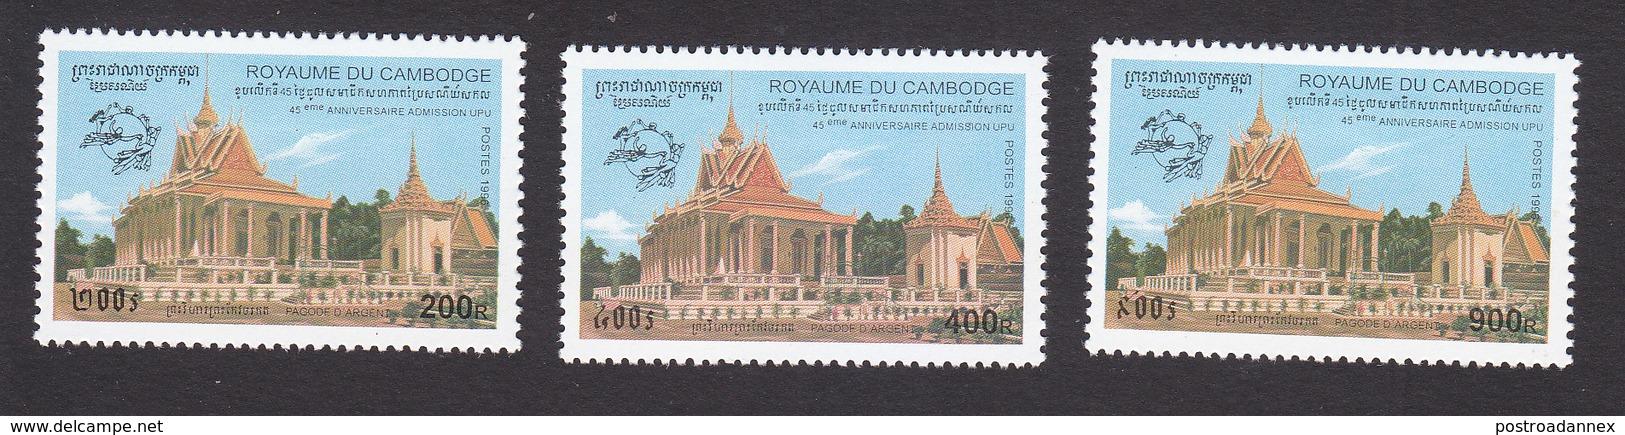 Cambodia, Scott #1578-1580, Mint Hinged, UPU, Issued 1996 - Cambodge